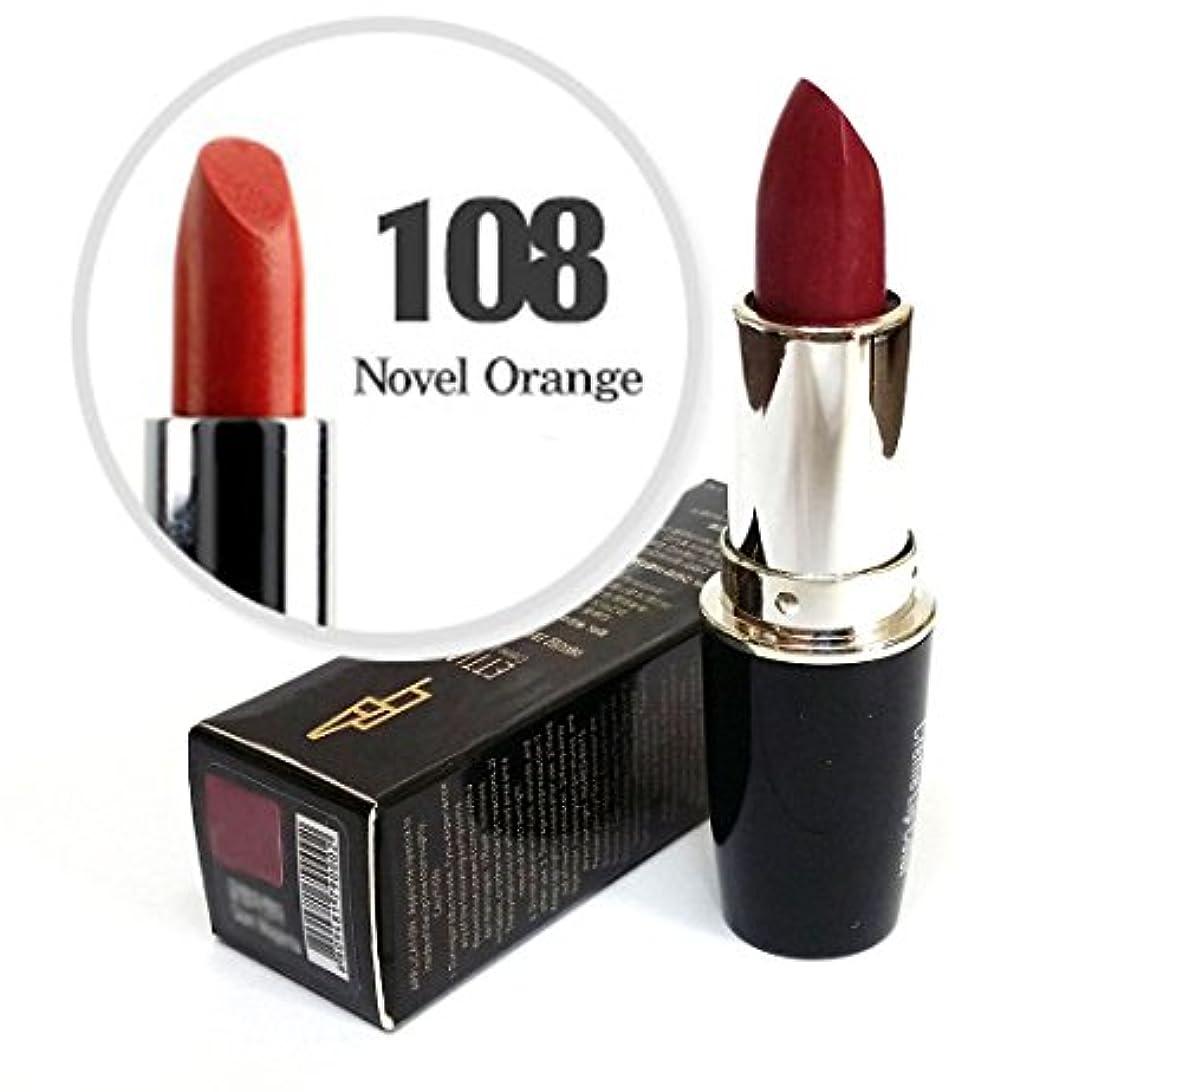 銀行契約飽和する[Ettian] クリームリップカラー3.5g / Cream Lip Color 3.5g / 新しい口紅 #108小説オレンジ/ New Lipstick #108 Novel Orange / ドライ感じることはありません...